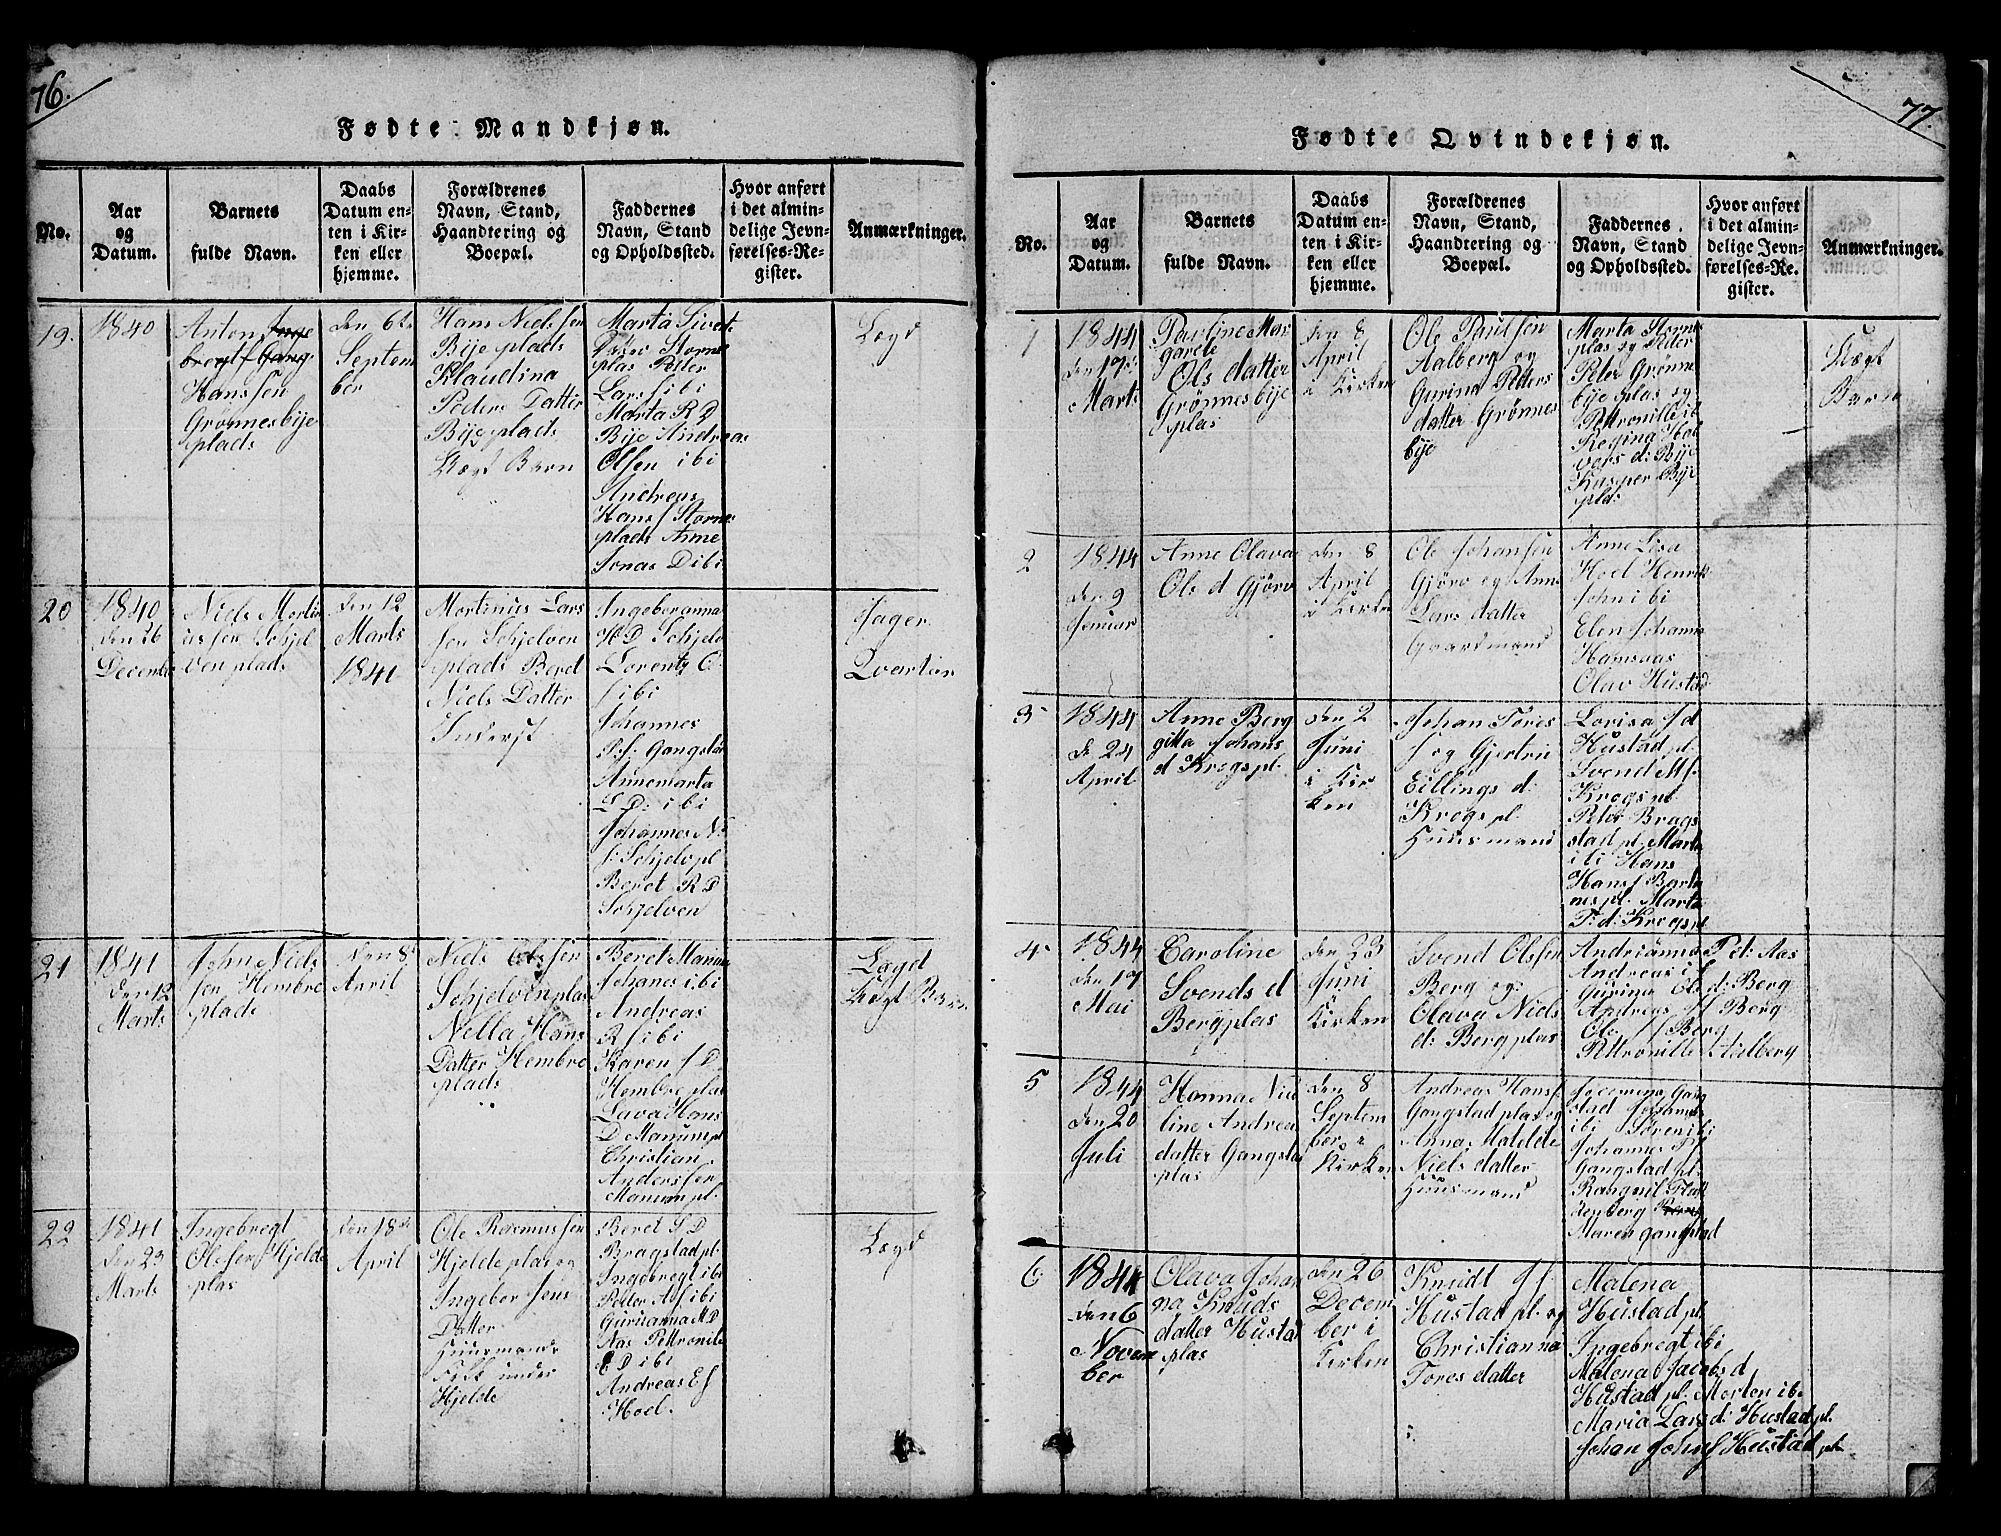 SAT, Ministerialprotokoller, klokkerbøker og fødselsregistre - Nord-Trøndelag, 732/L0317: Klokkerbok nr. 732C01, 1816-1881, s. 76-77